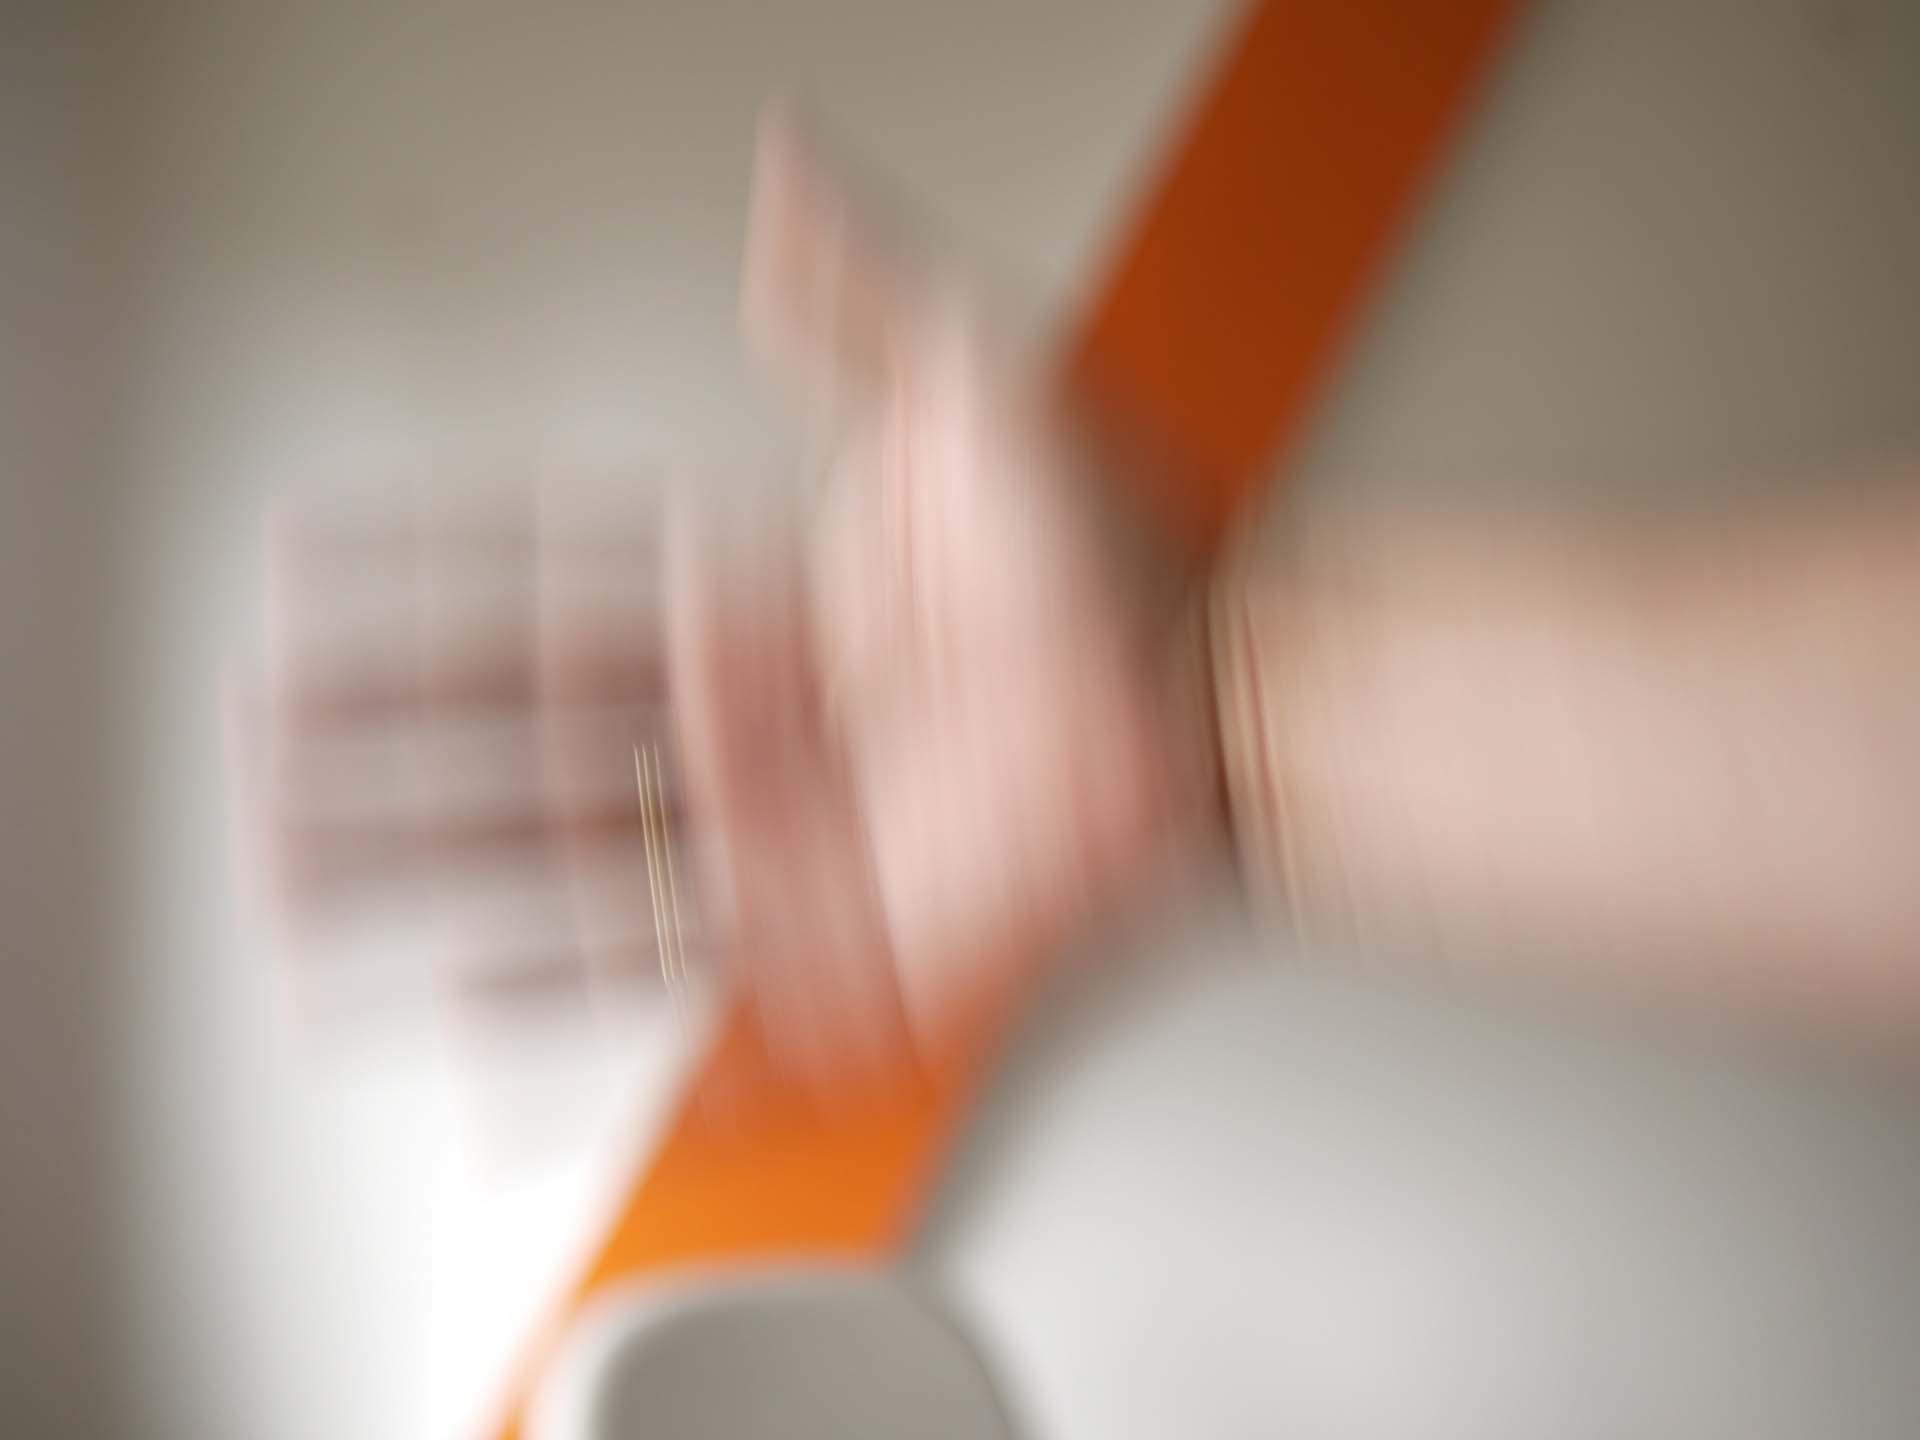 Bewegungsunschärfe 1/10 sekunde